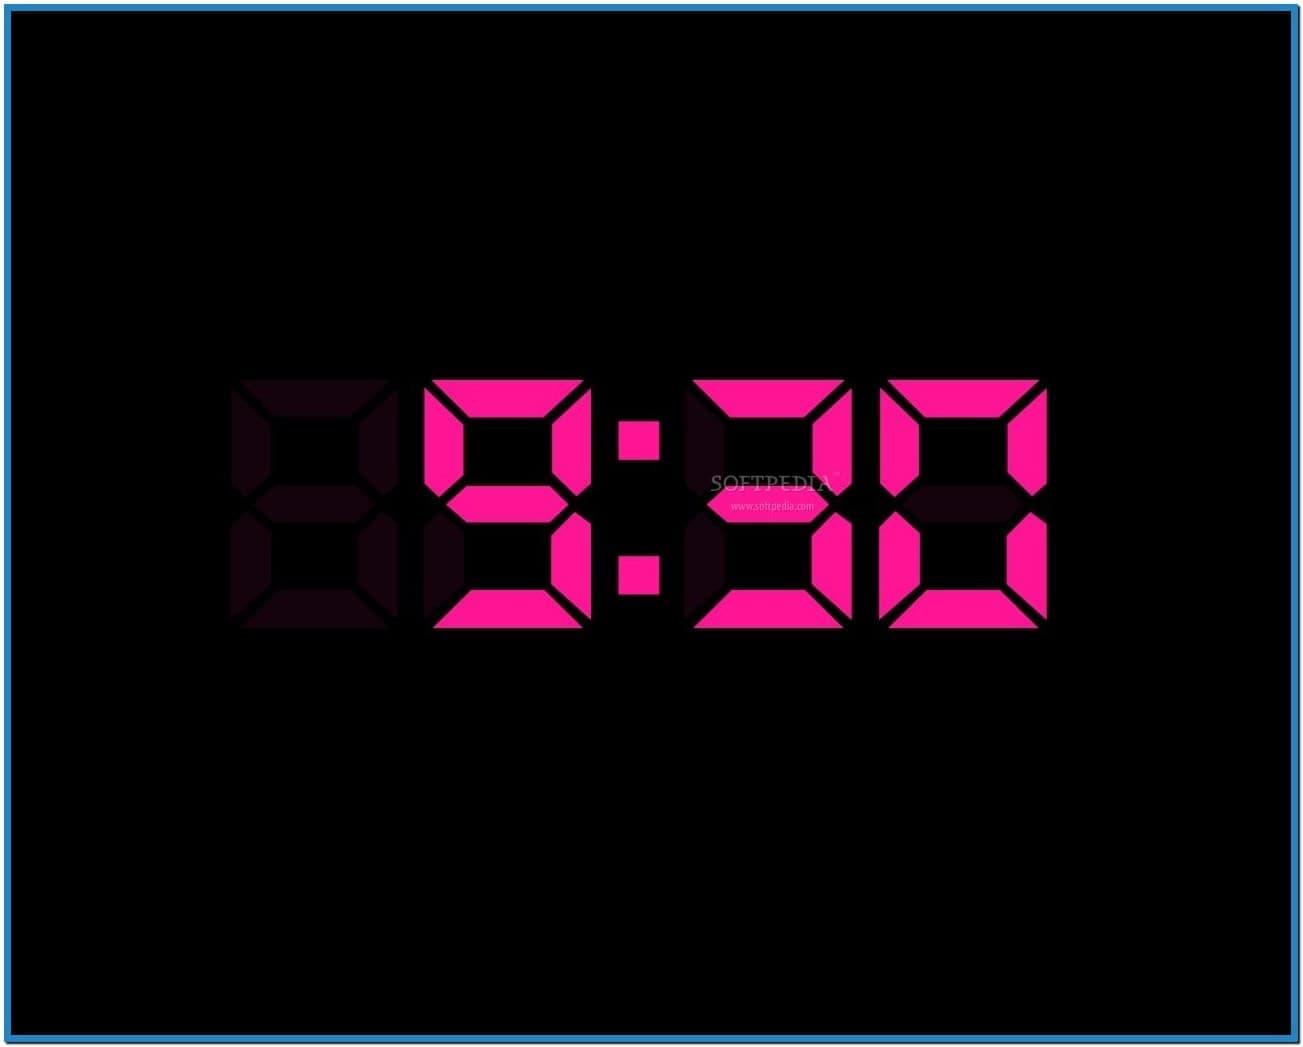 Digital clock screensaver for desktop   Download 1303x1047